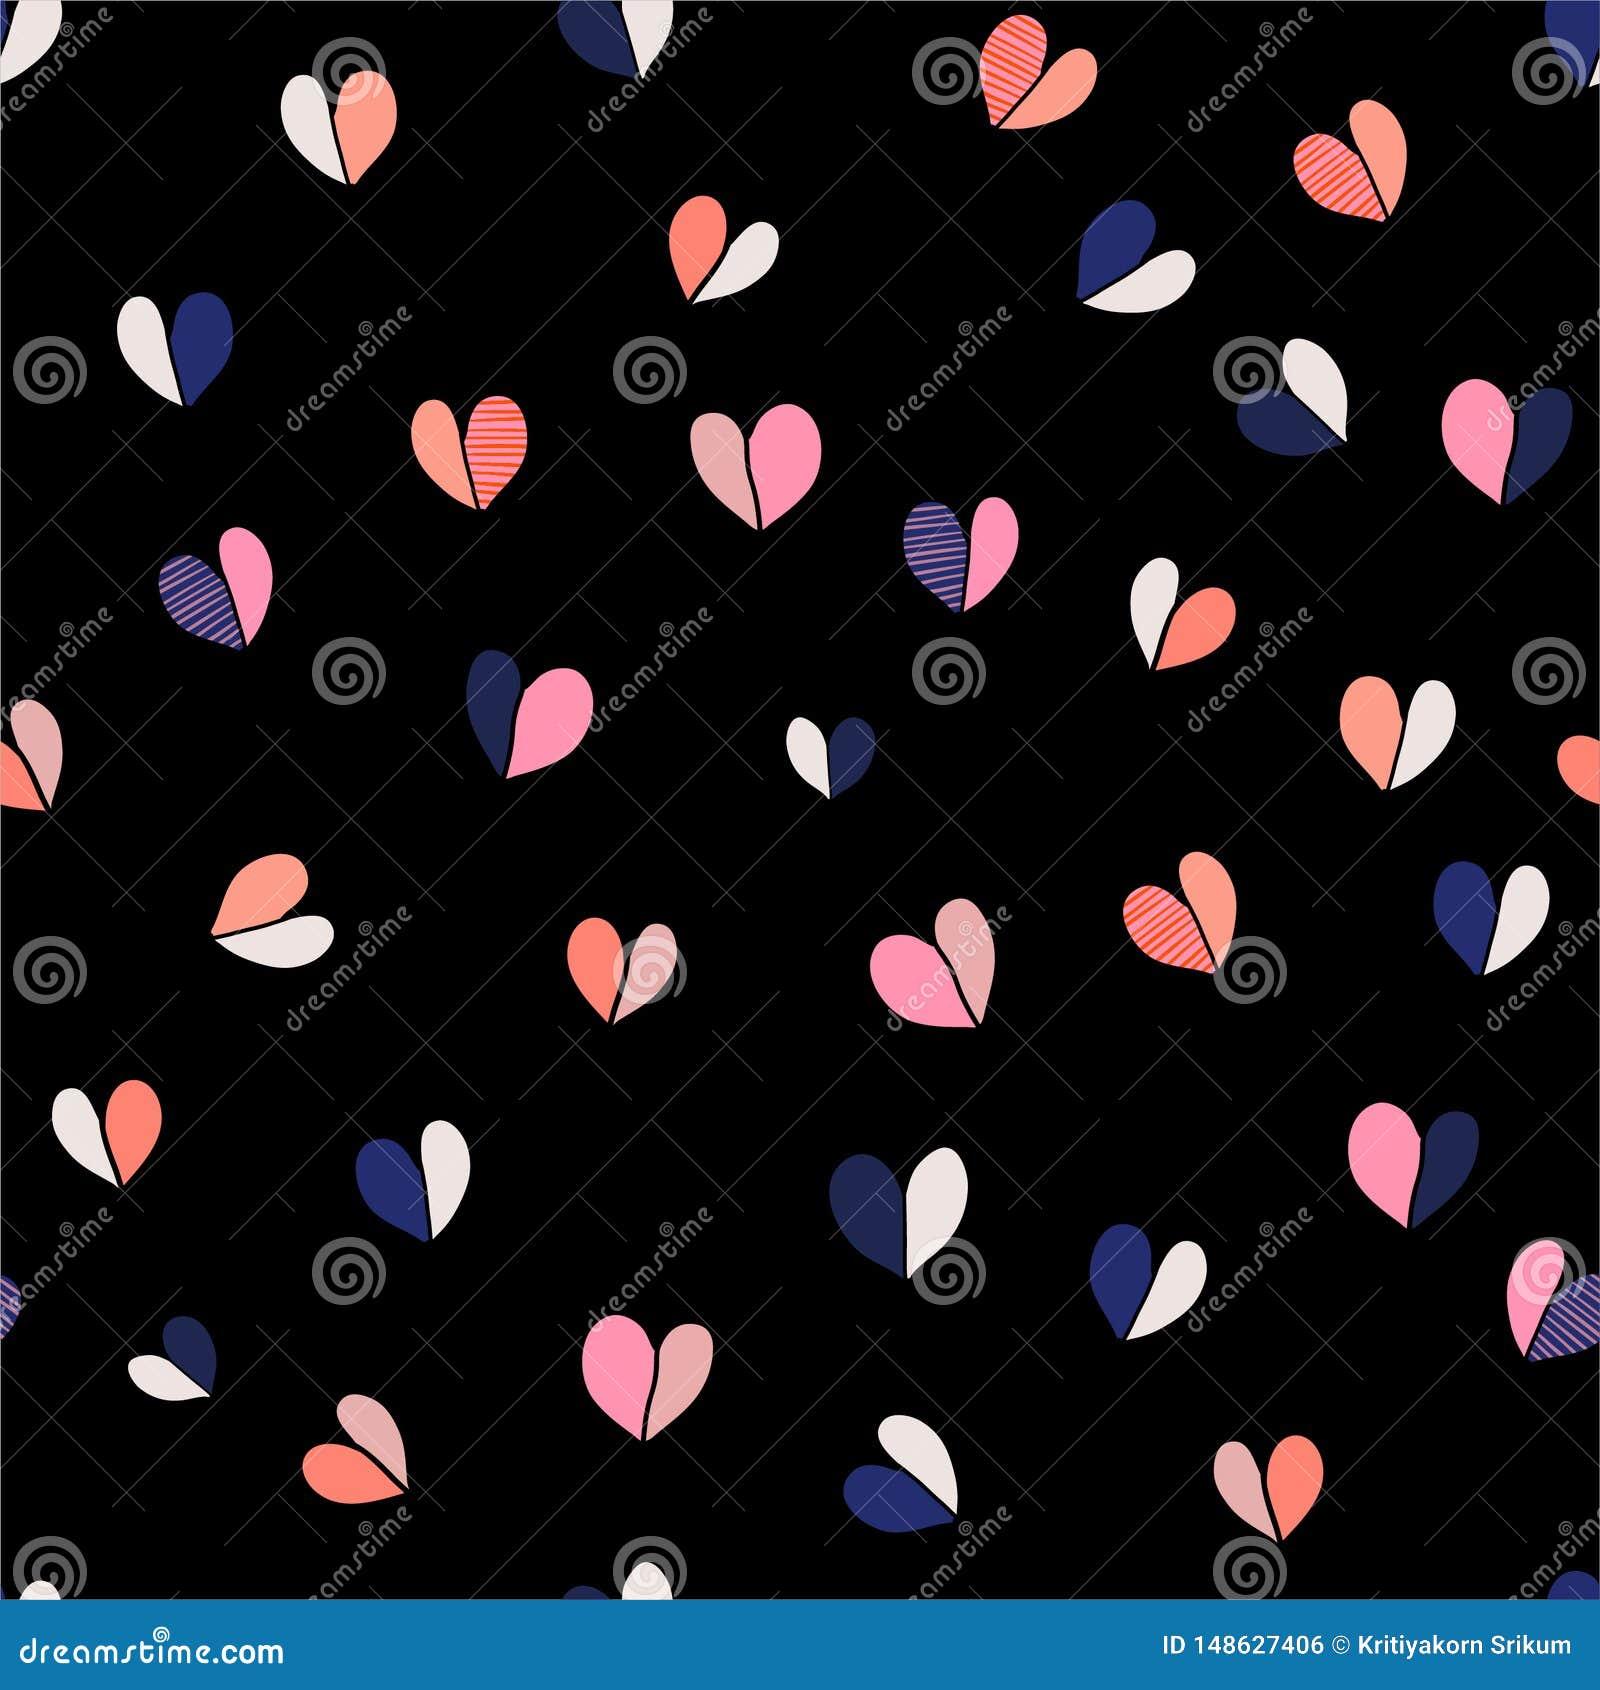 As ilustrações coloridas e bonitos bonitas do vetor entregam a vetor tirado dos corações a ilustração sem emenda do teste padrão